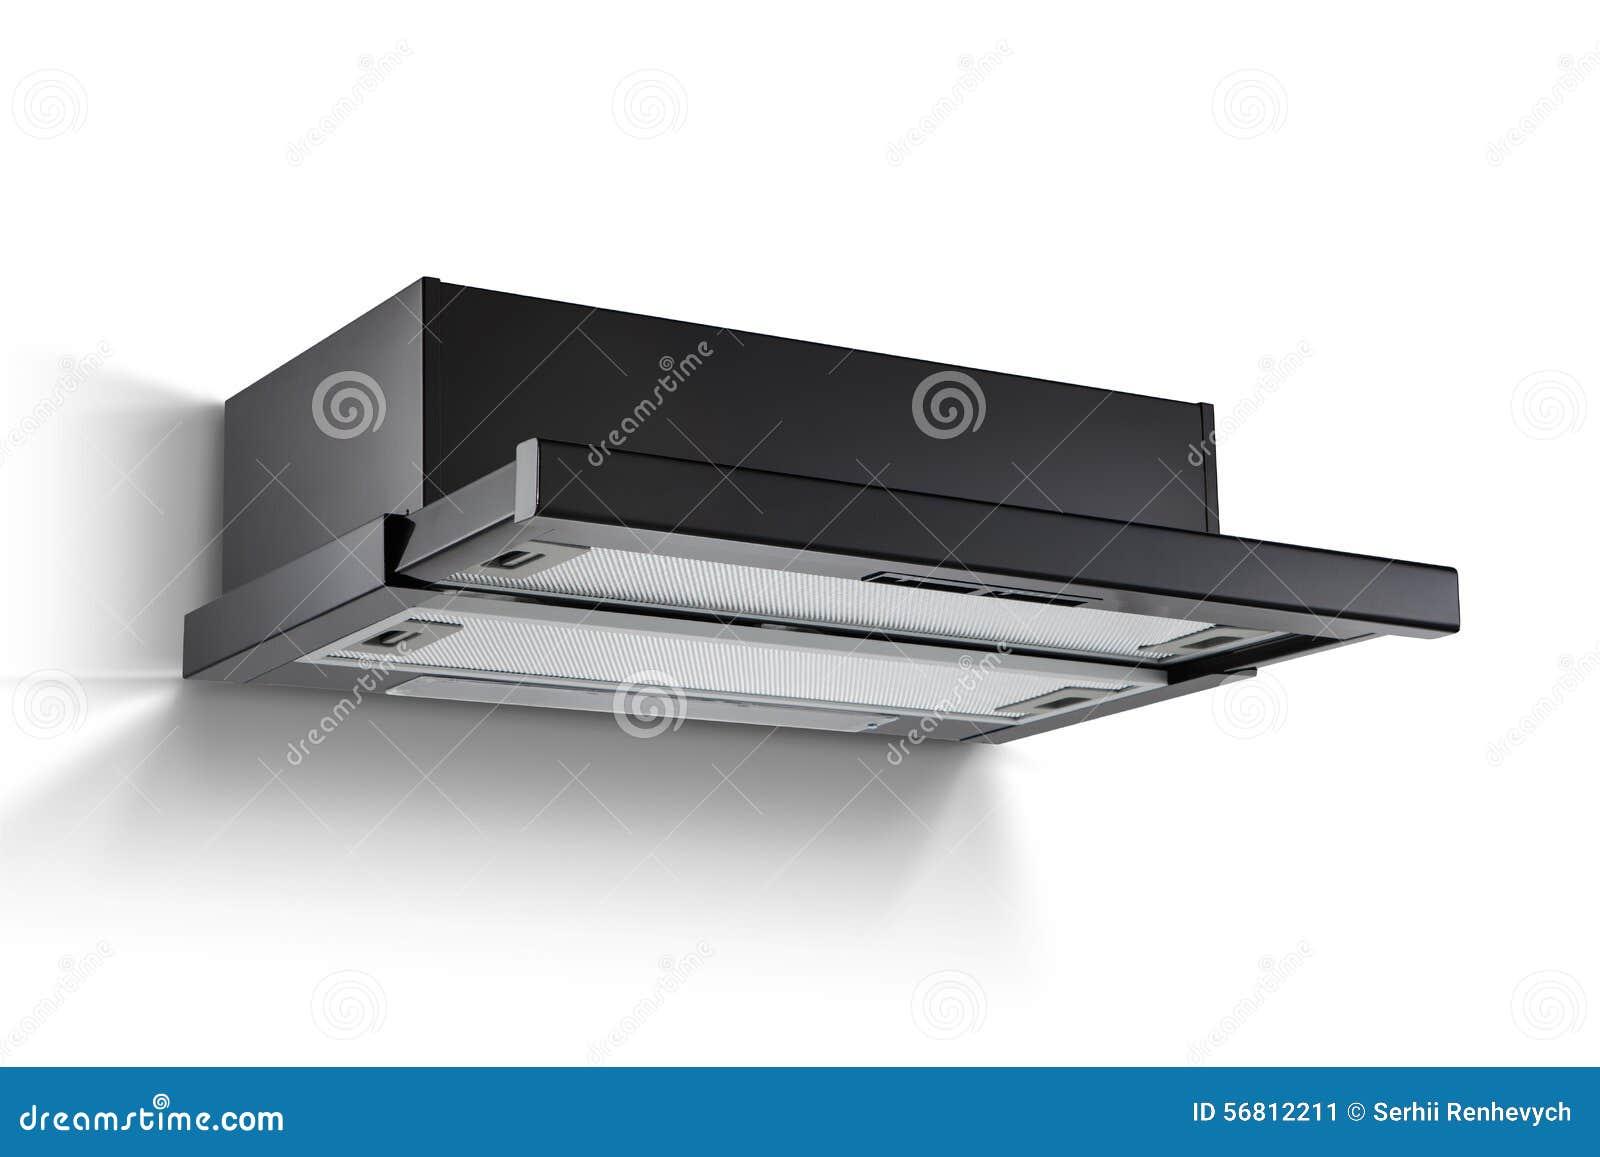 Capilla de cocinar moderna extractor de la cocina imagen - Precio extractor cocina ...